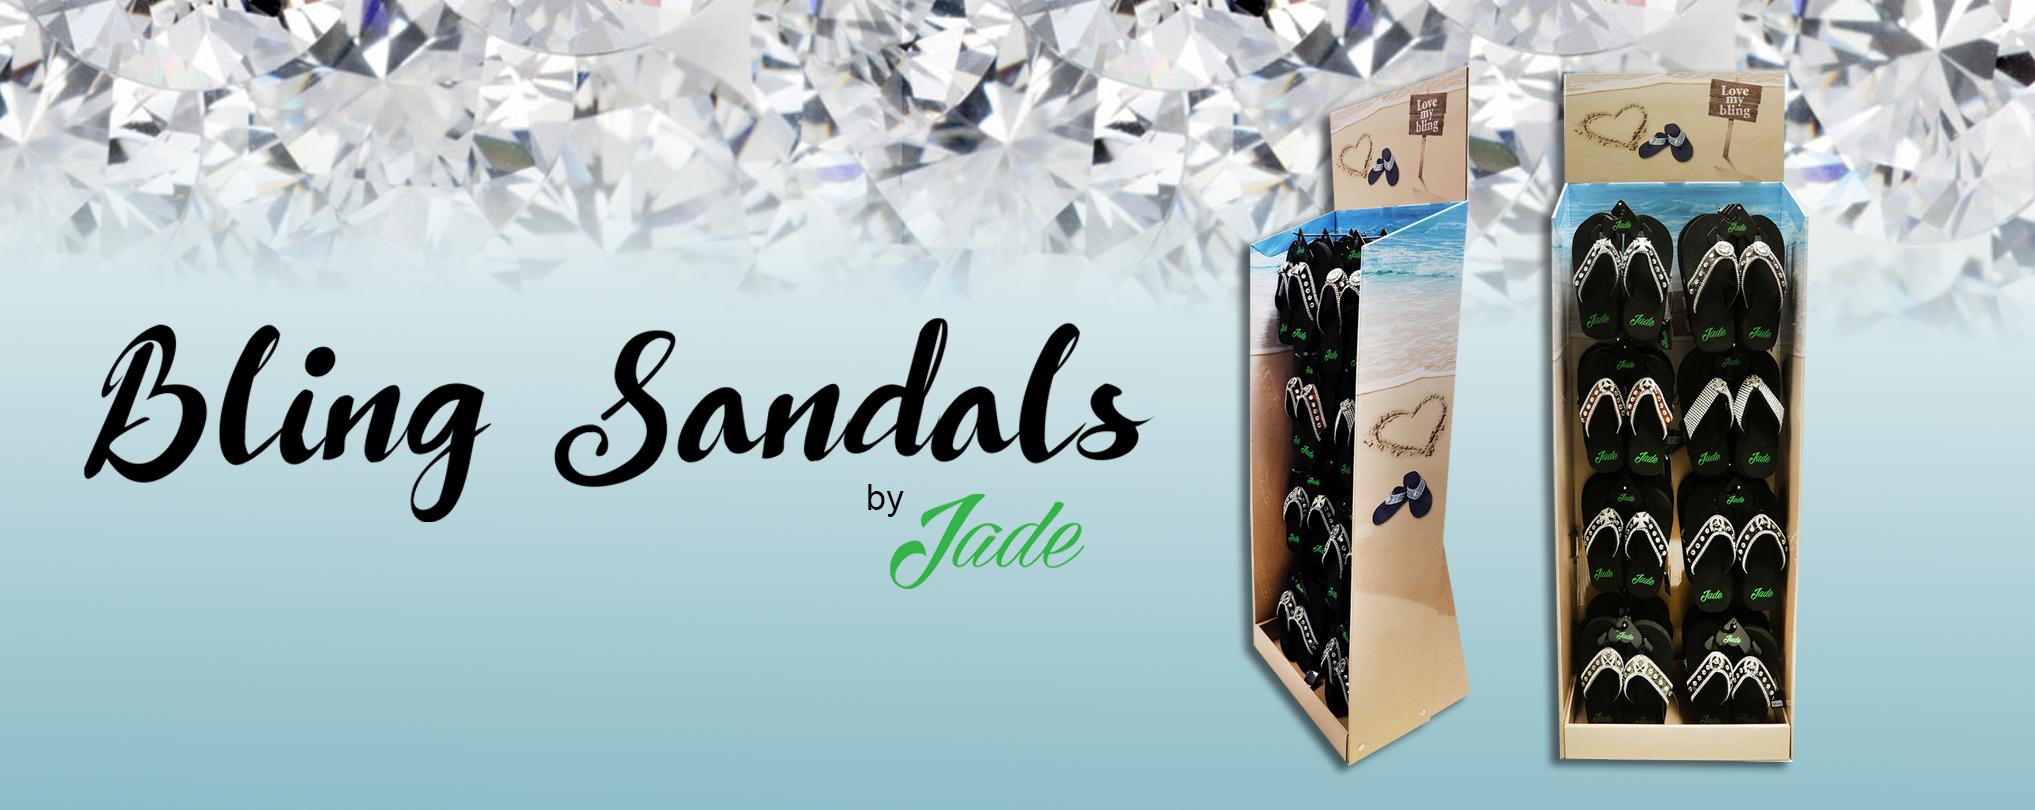 Bling-Sandals.jpg